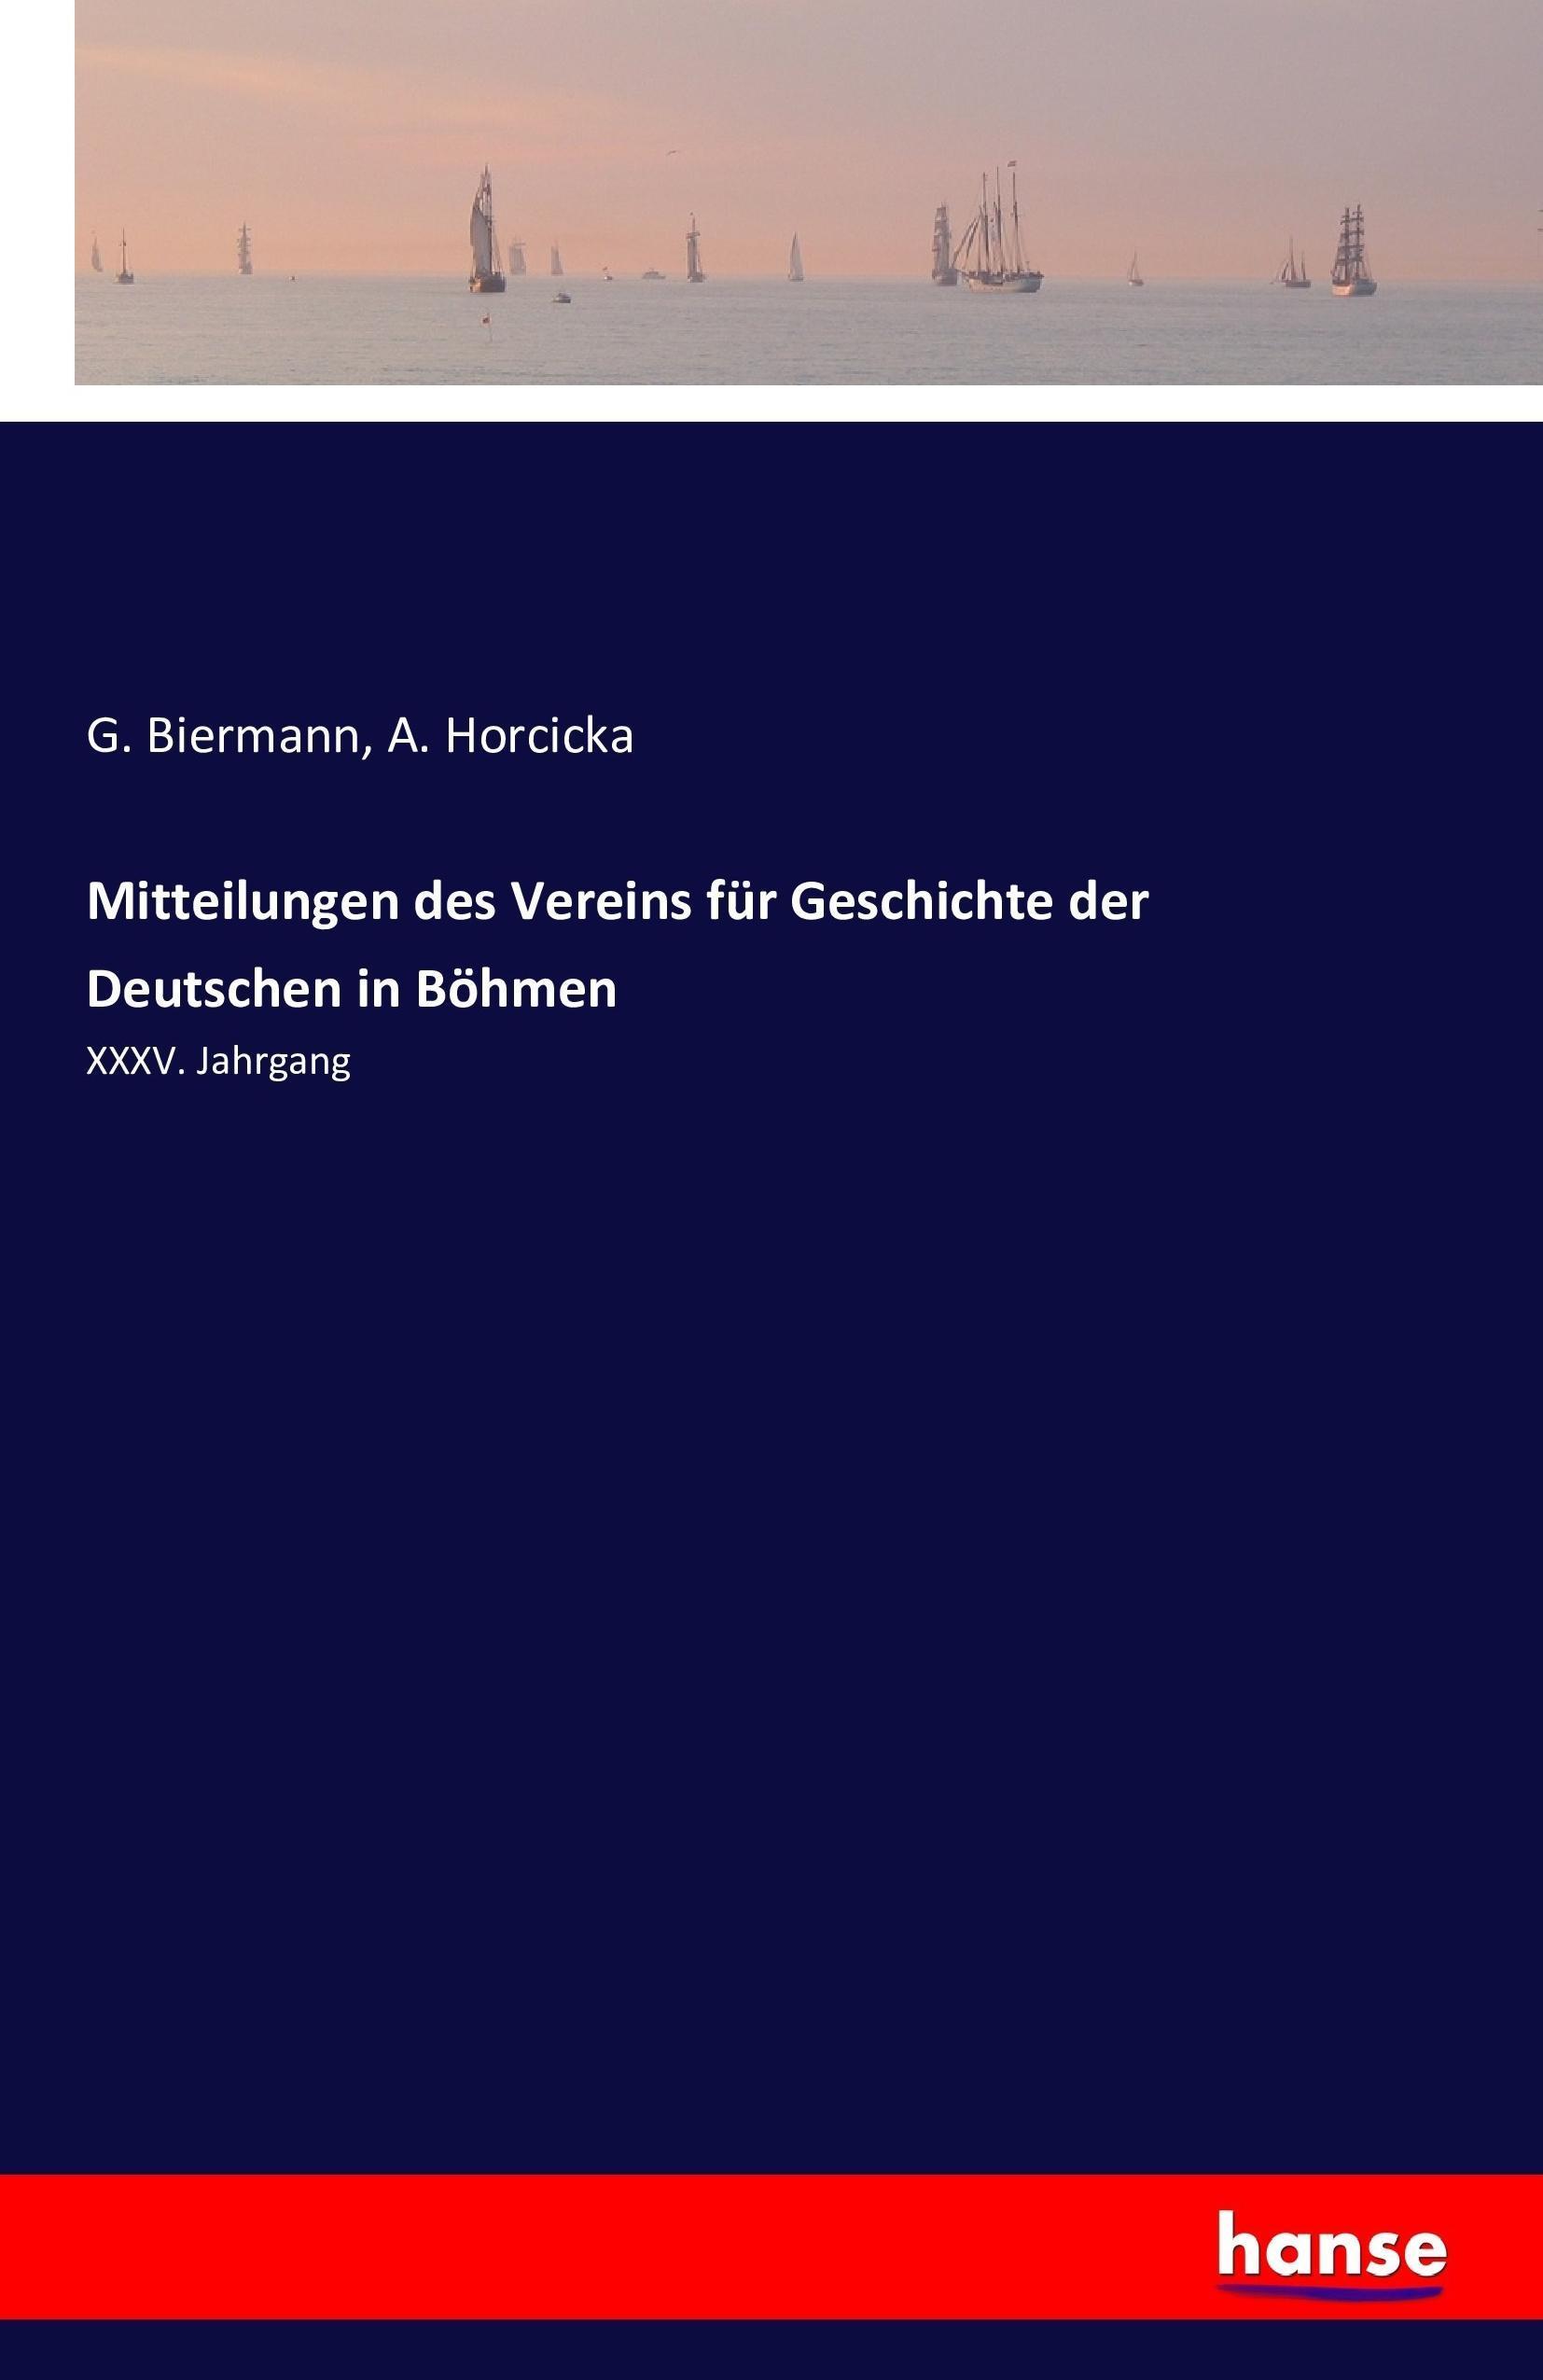 G. Biermann / Mitteilungen des Vereins für Geschichte der Deut ... 9783741195457